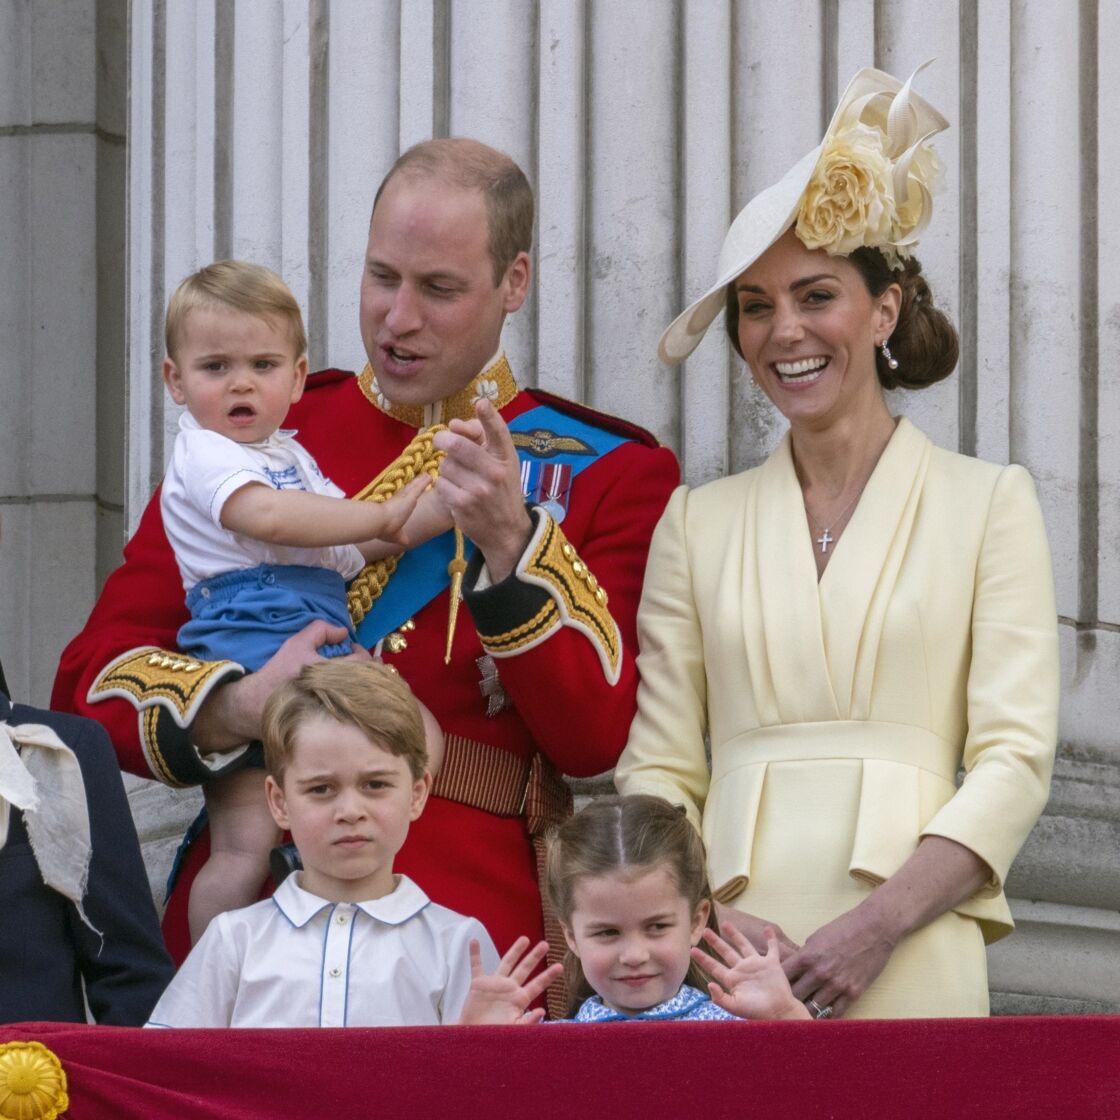 Kate Middleton et le prince William, avec leurs enfants Louis, George et Charlotte, au balcon de Buckingham pour la parade Trooping The Colour, en juin 2019.